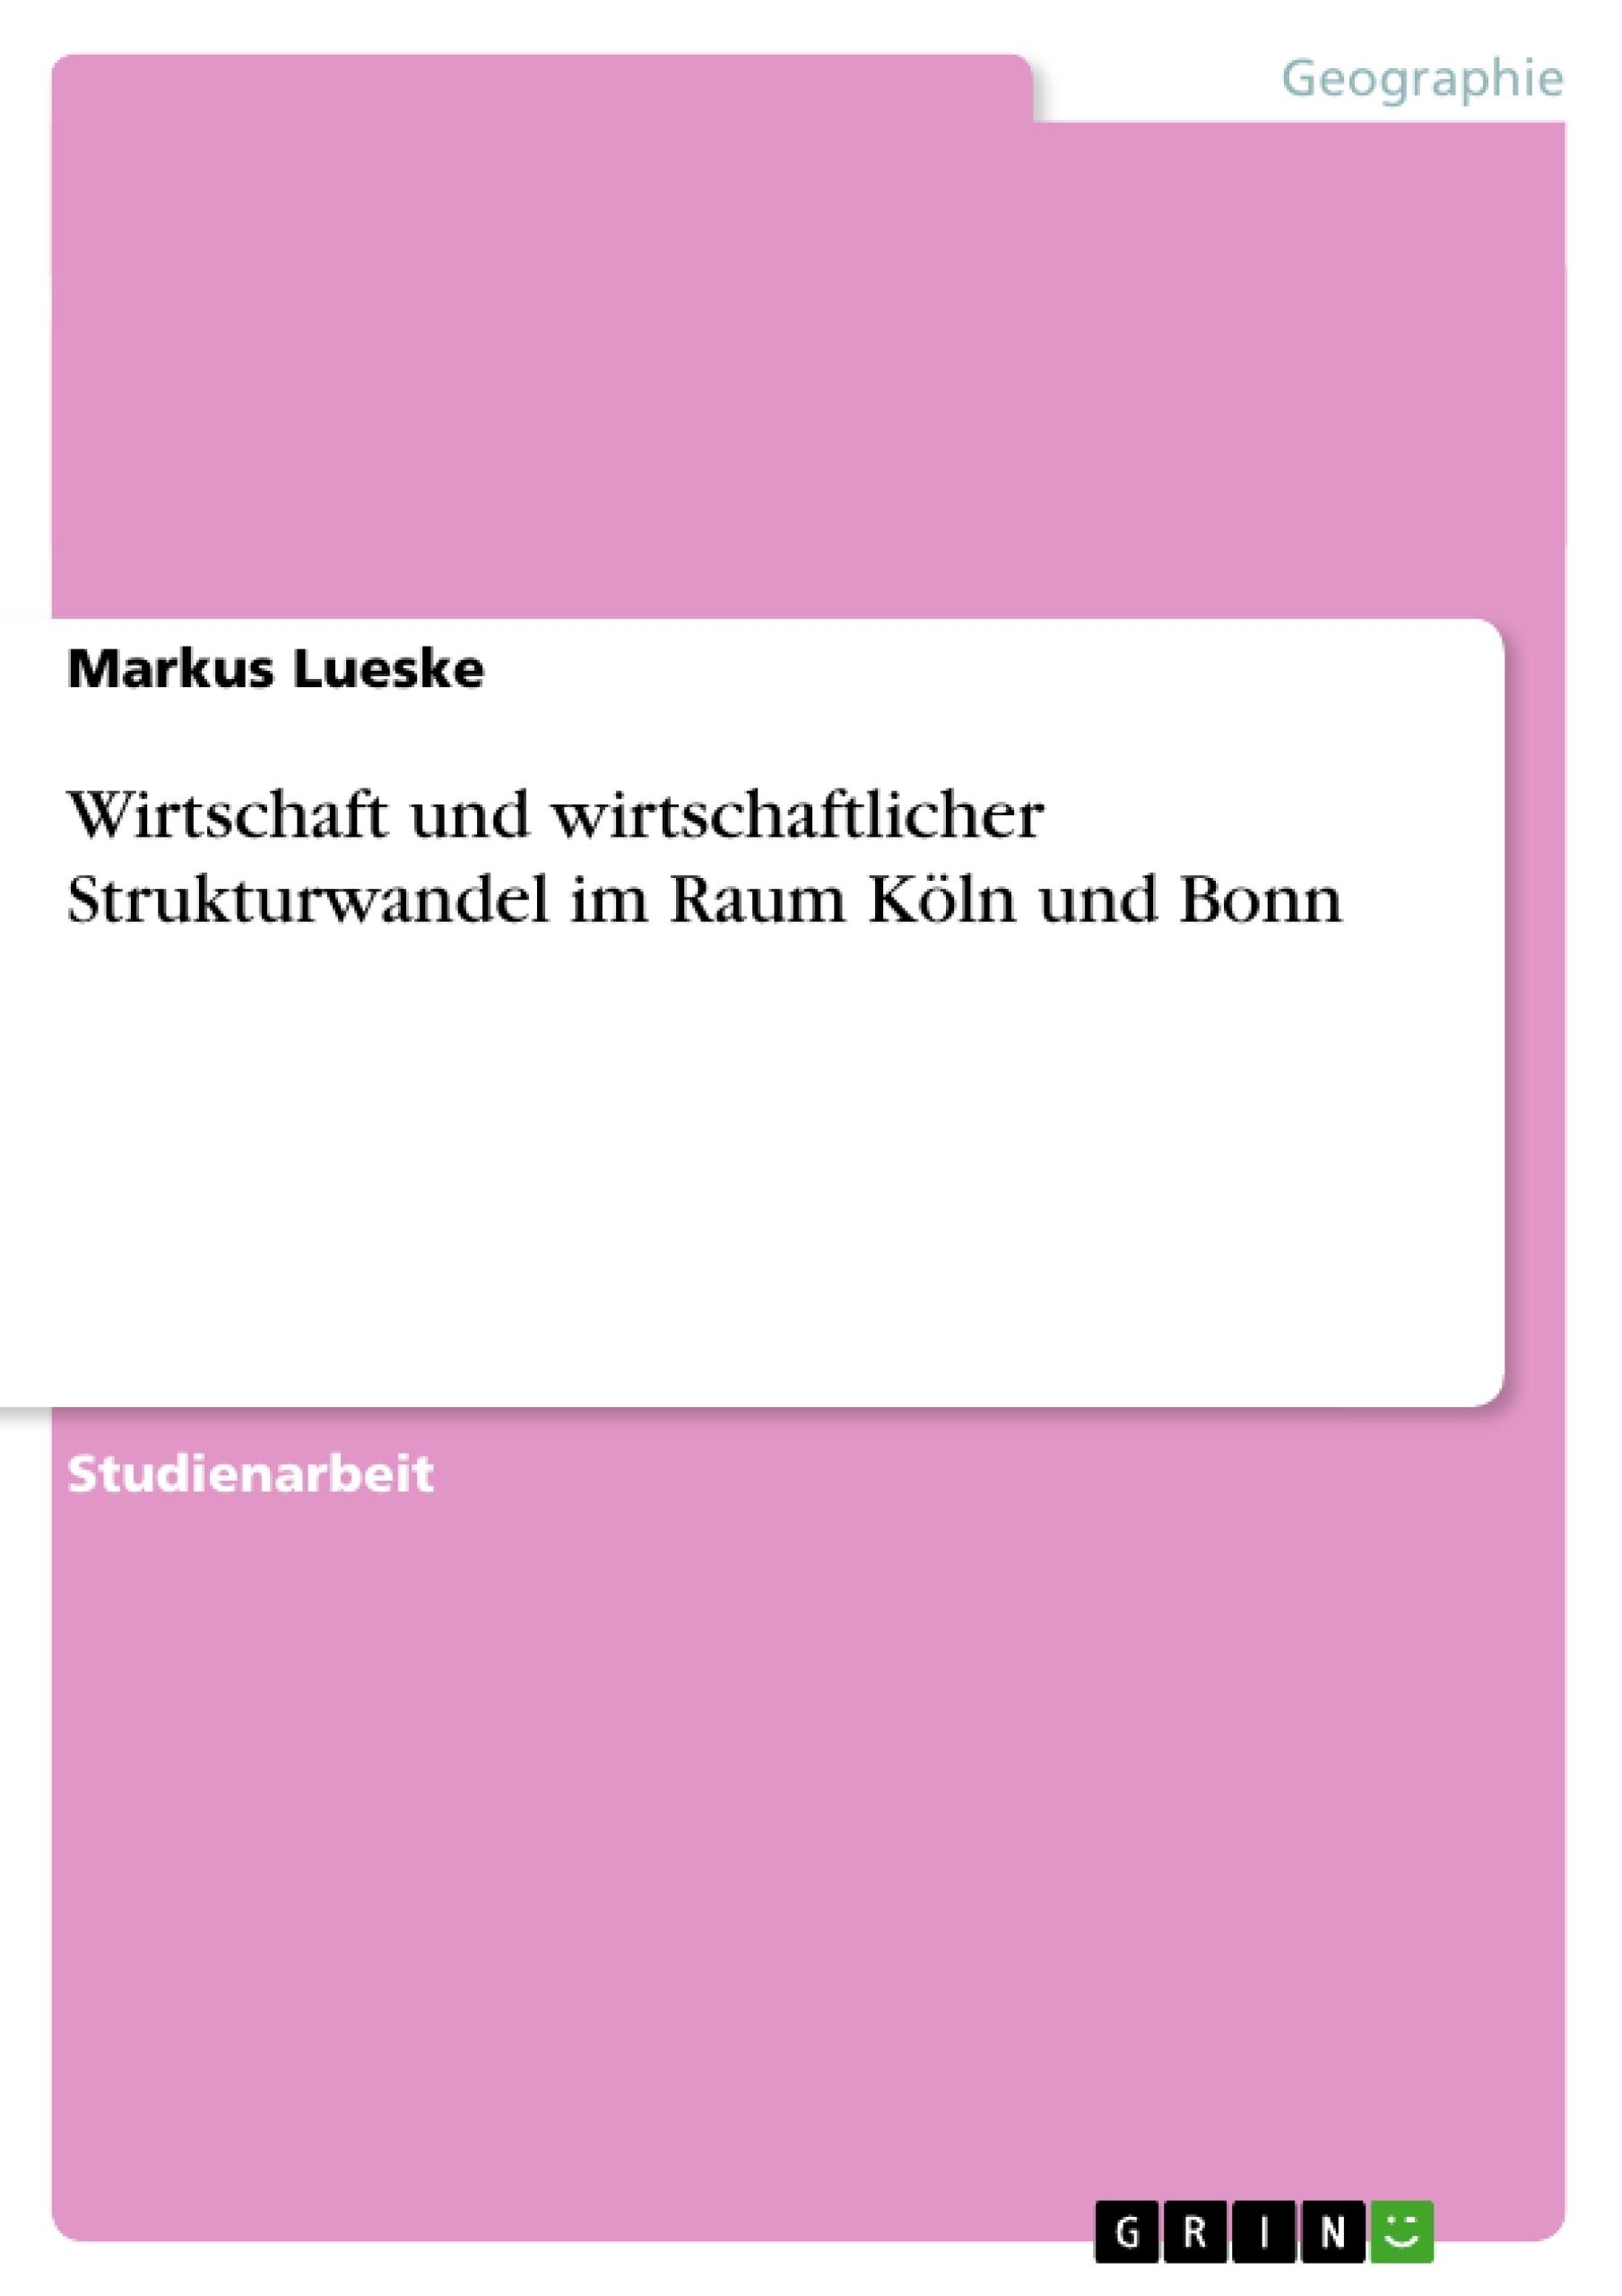 Titel: Wirtschaft und wirtschaftlicher Strukturwandel im Raum Köln und Bonn